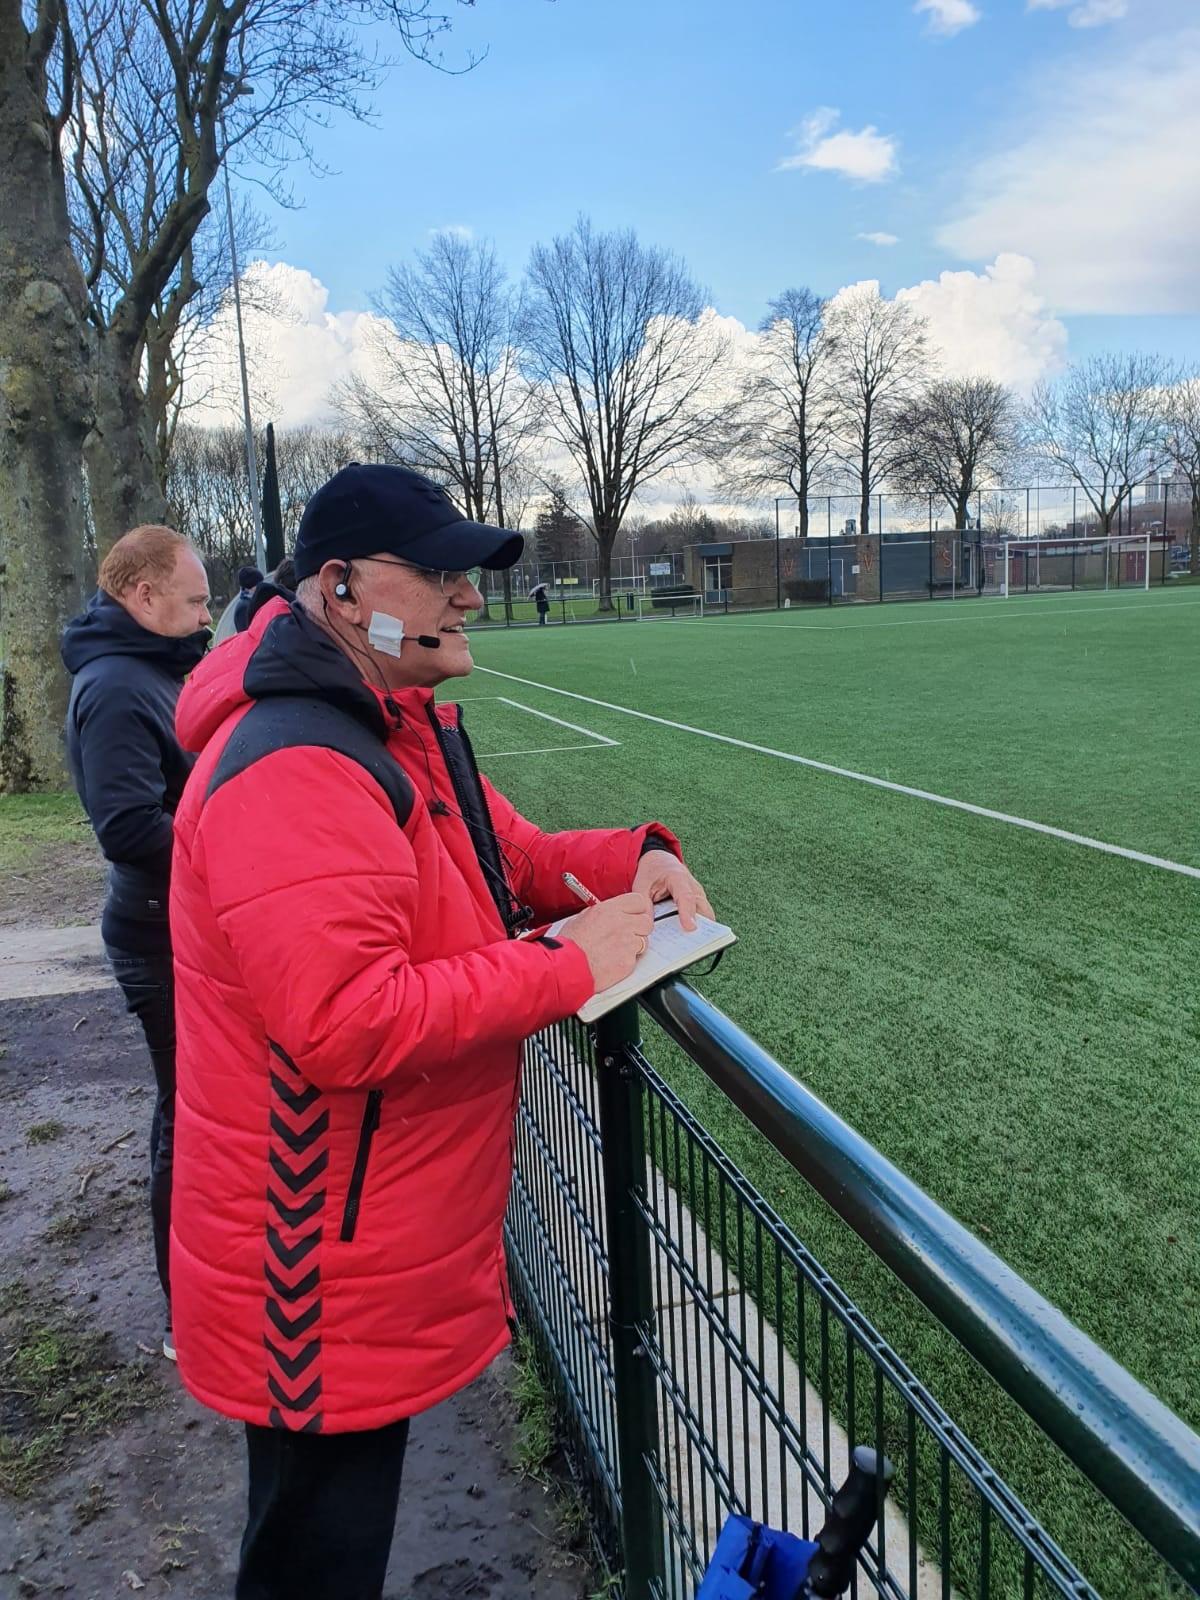 svdu-headset-coaching-coach